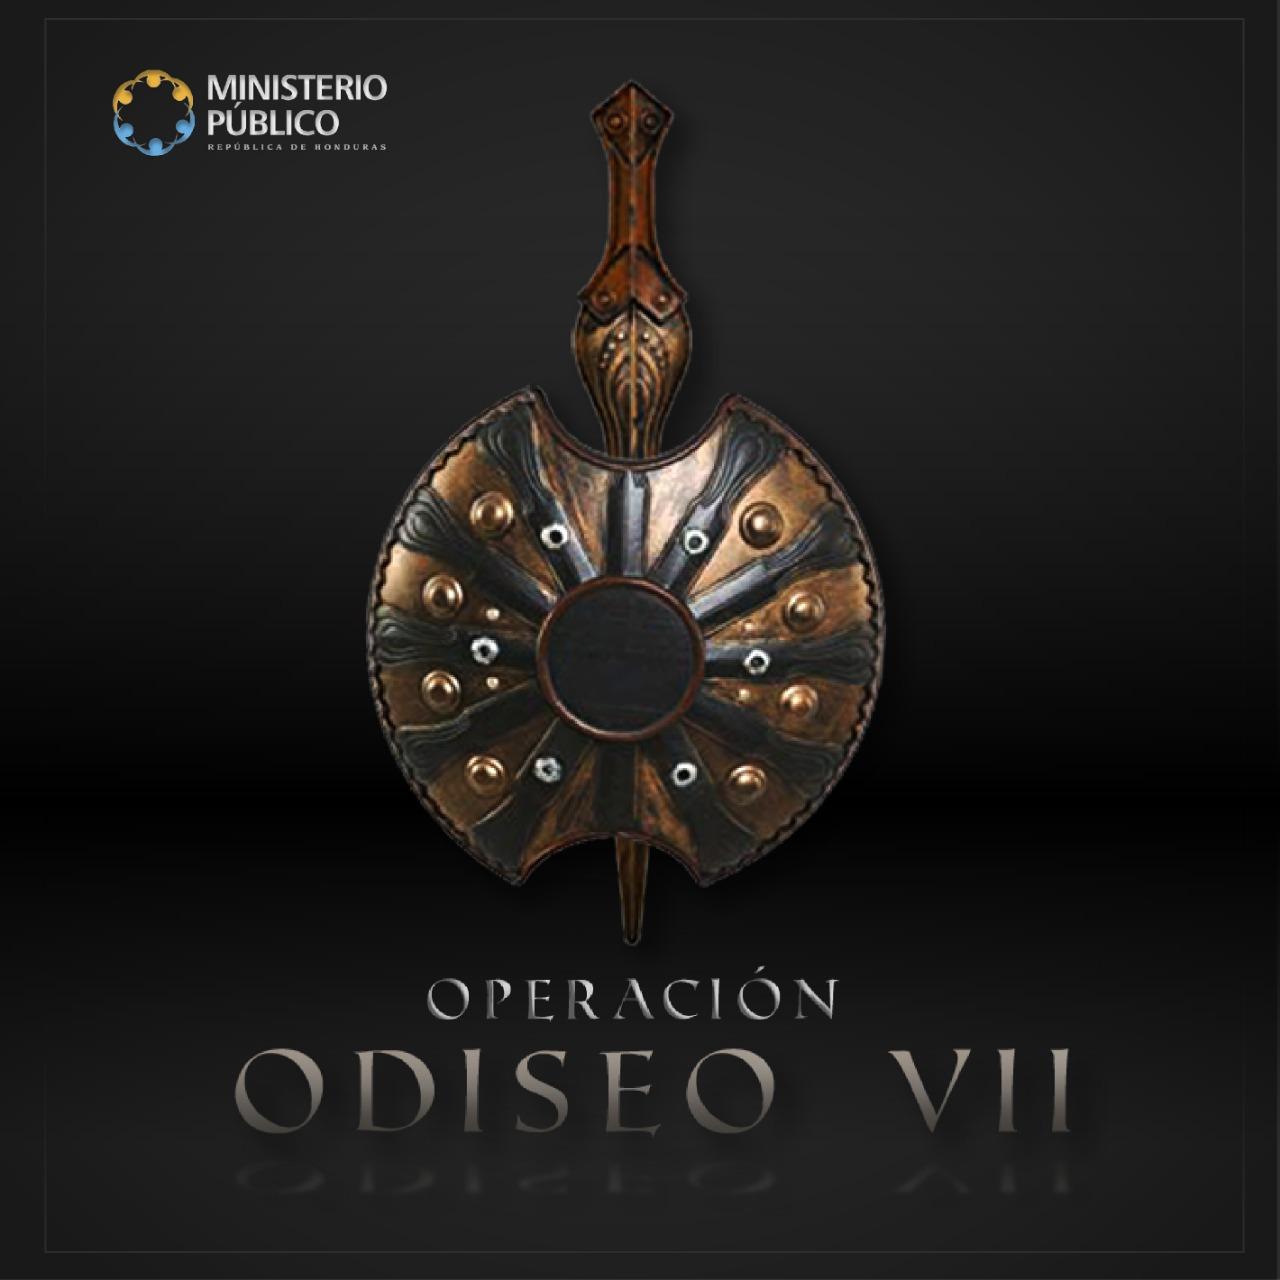 Odiseo vii